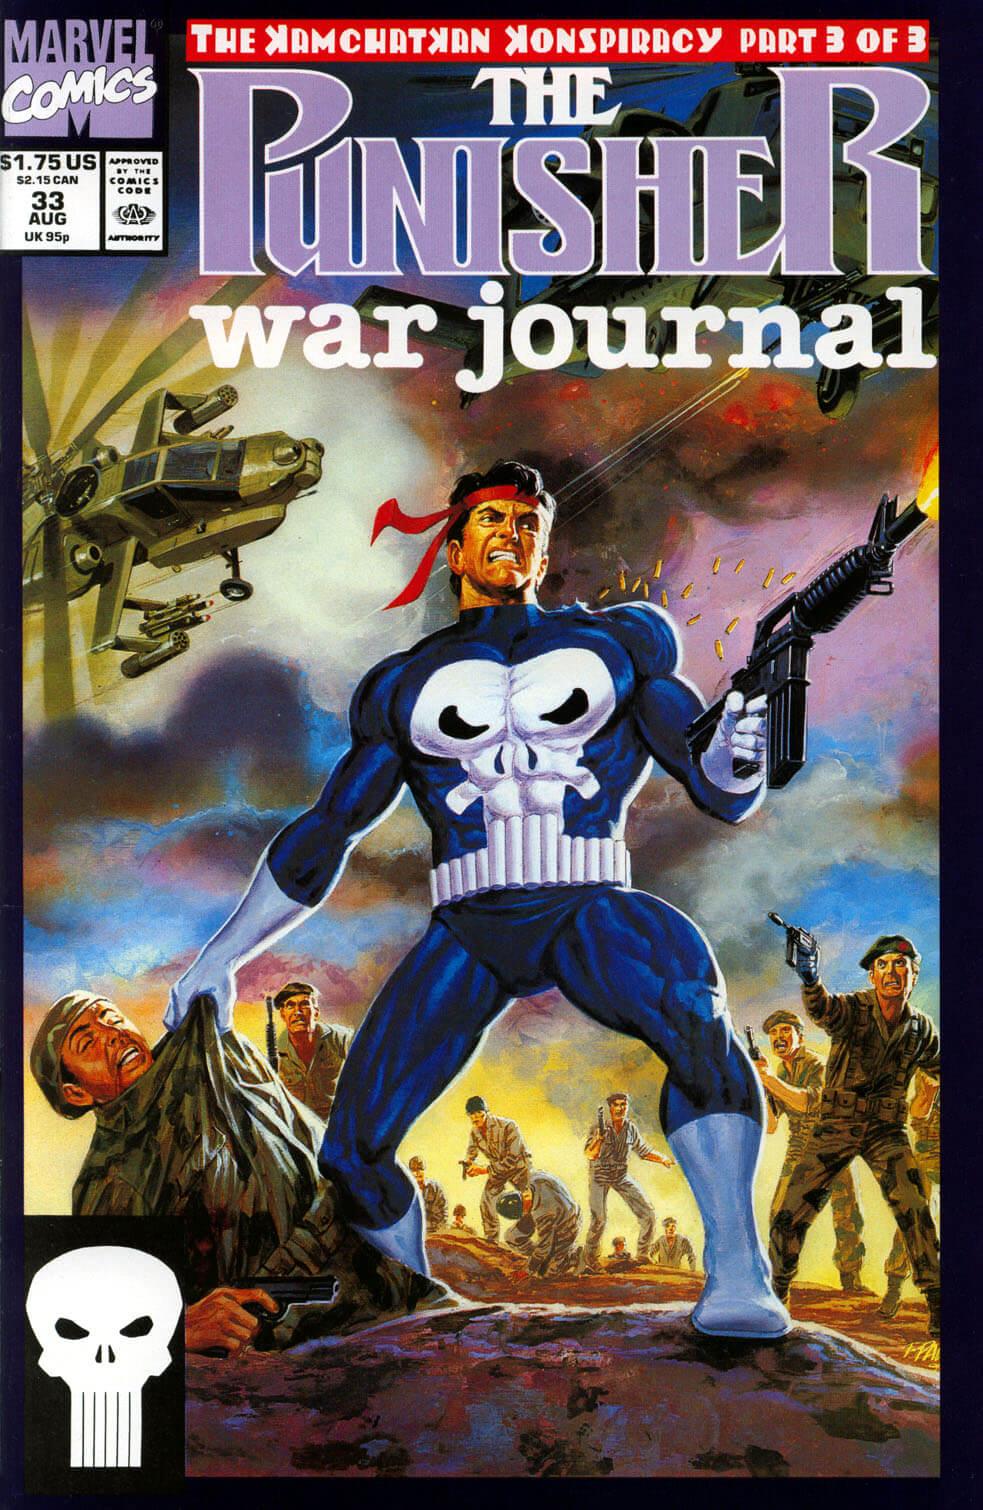 Punisher War Journal Vol 1 #33